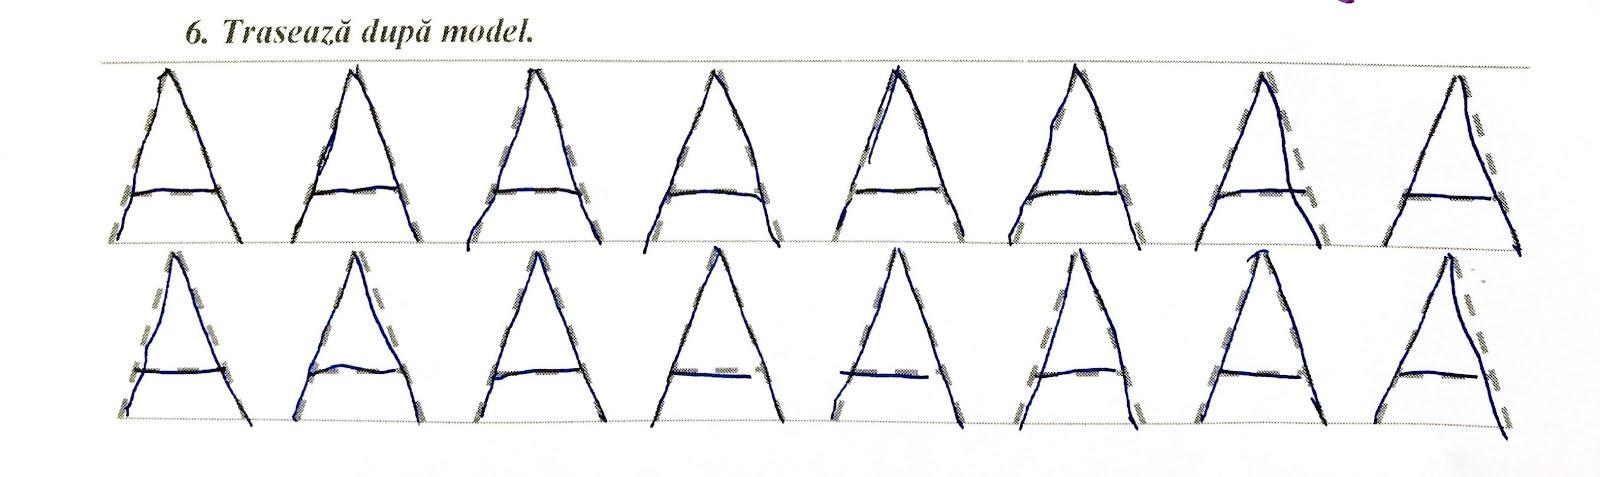 Alfabetul la pregătitoare- exerciții pentru însușirea literei A/a